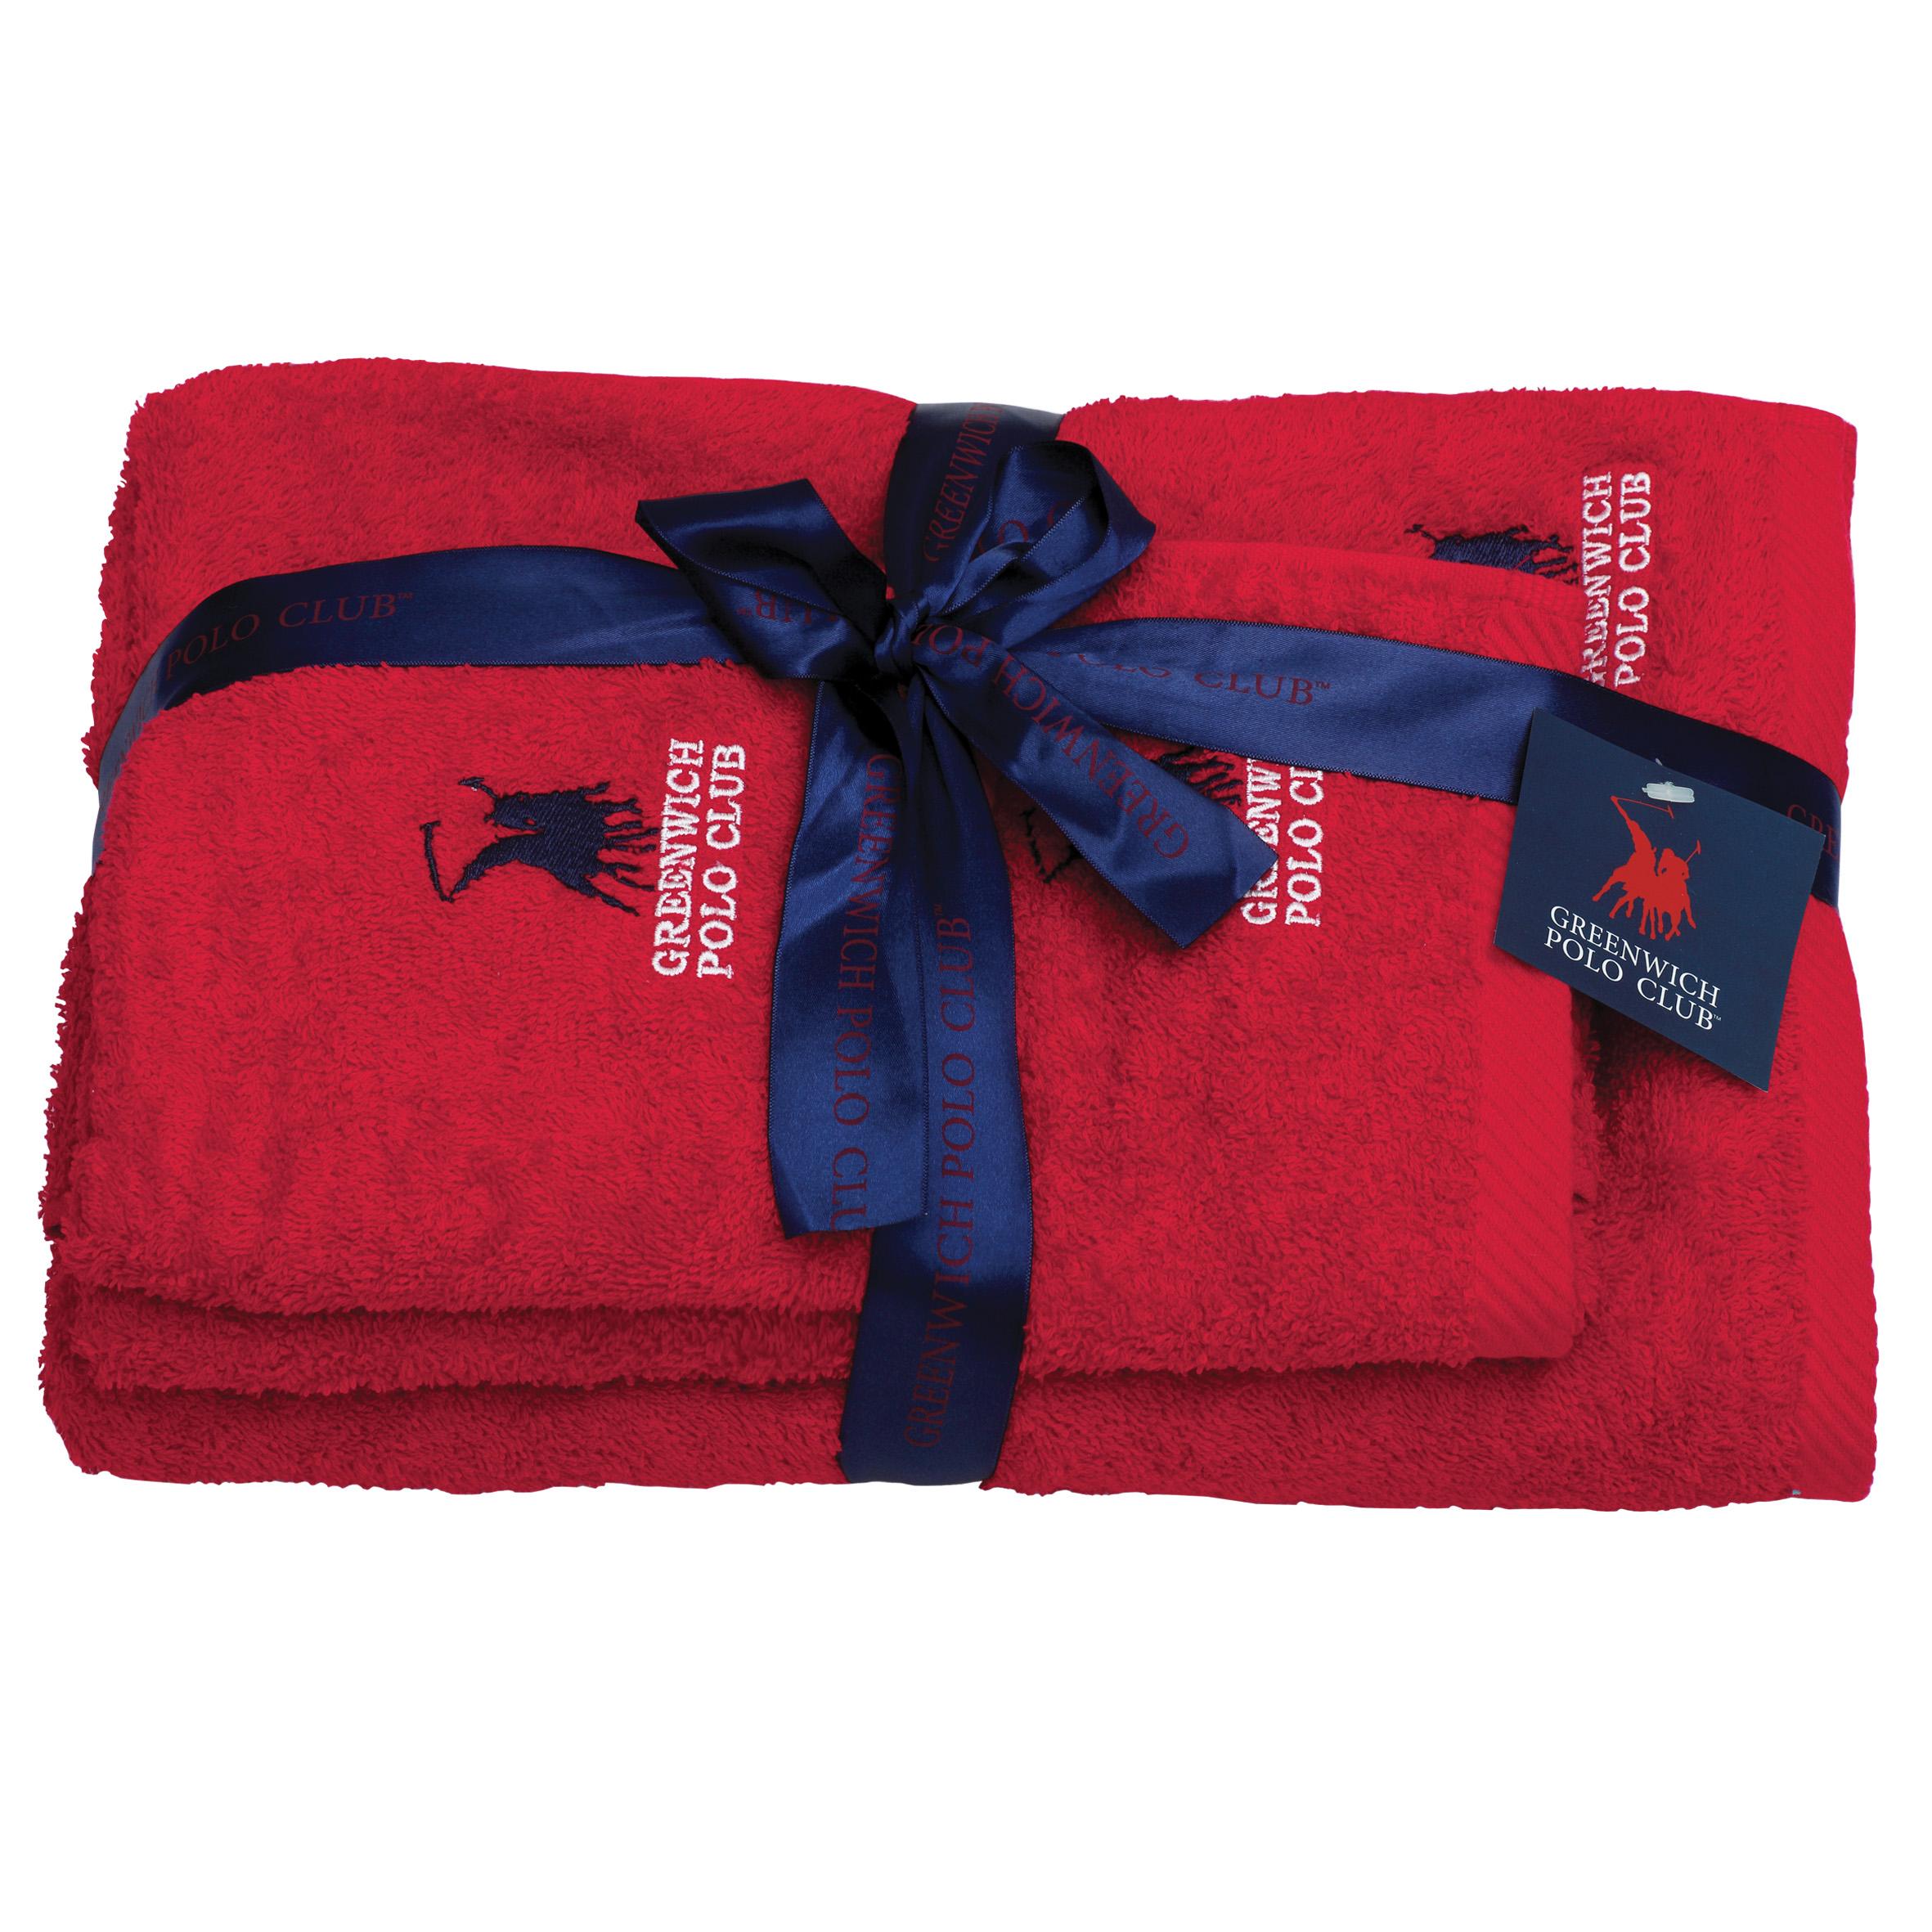 Πετσέτες Μπάνιου (Σετ 3 Τμχ) Greenwich Polo Club Essential 2501 Κοκκινο